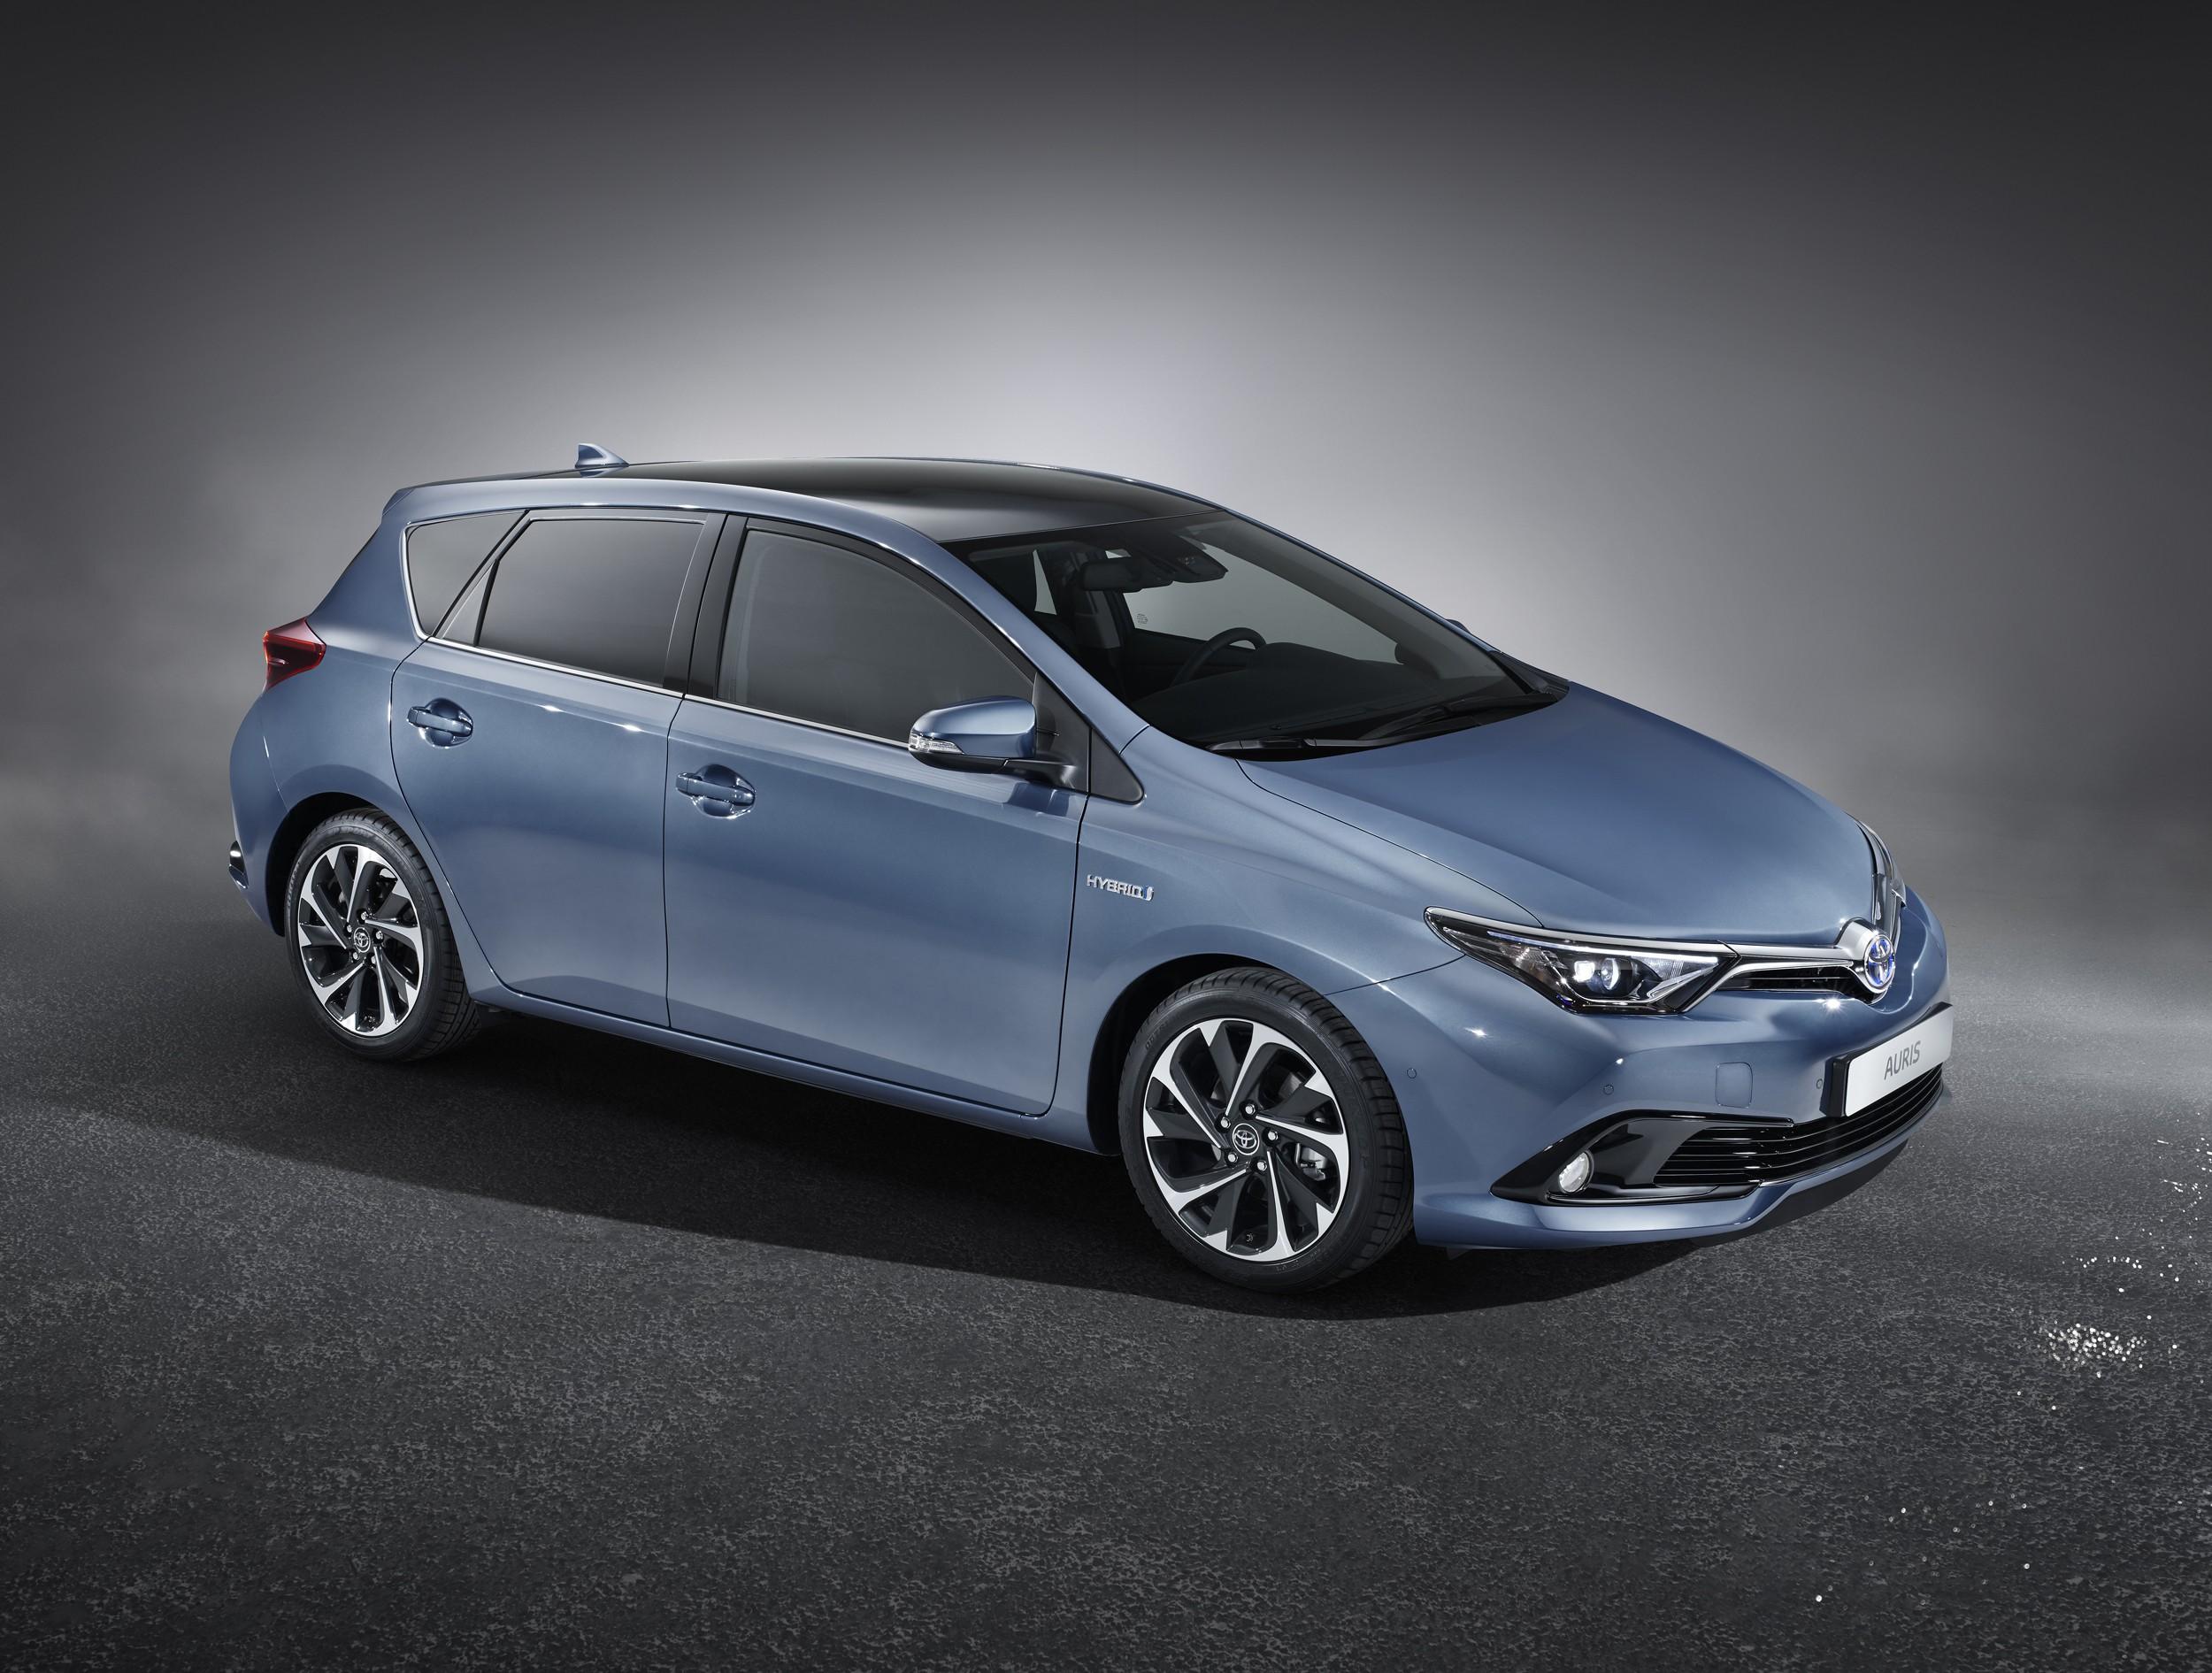 El nuevo Toyota Auris 2015 sale a la venta en España